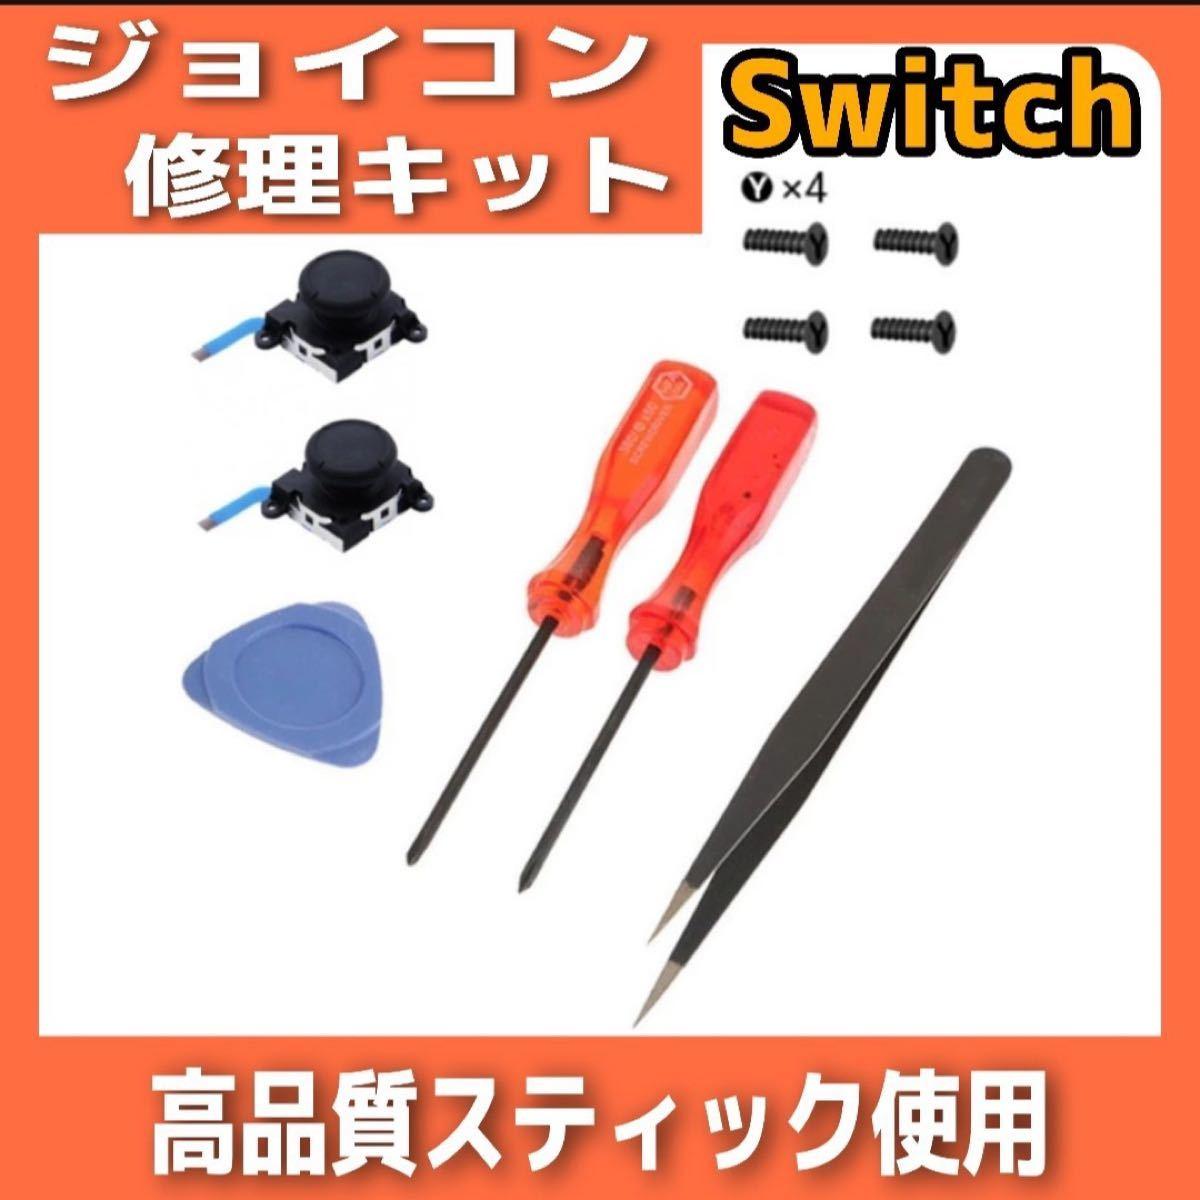 【即日発送】スイッチ ジョイコン 修理キット【即日発送】スイッチ ジョイコン 修理キット